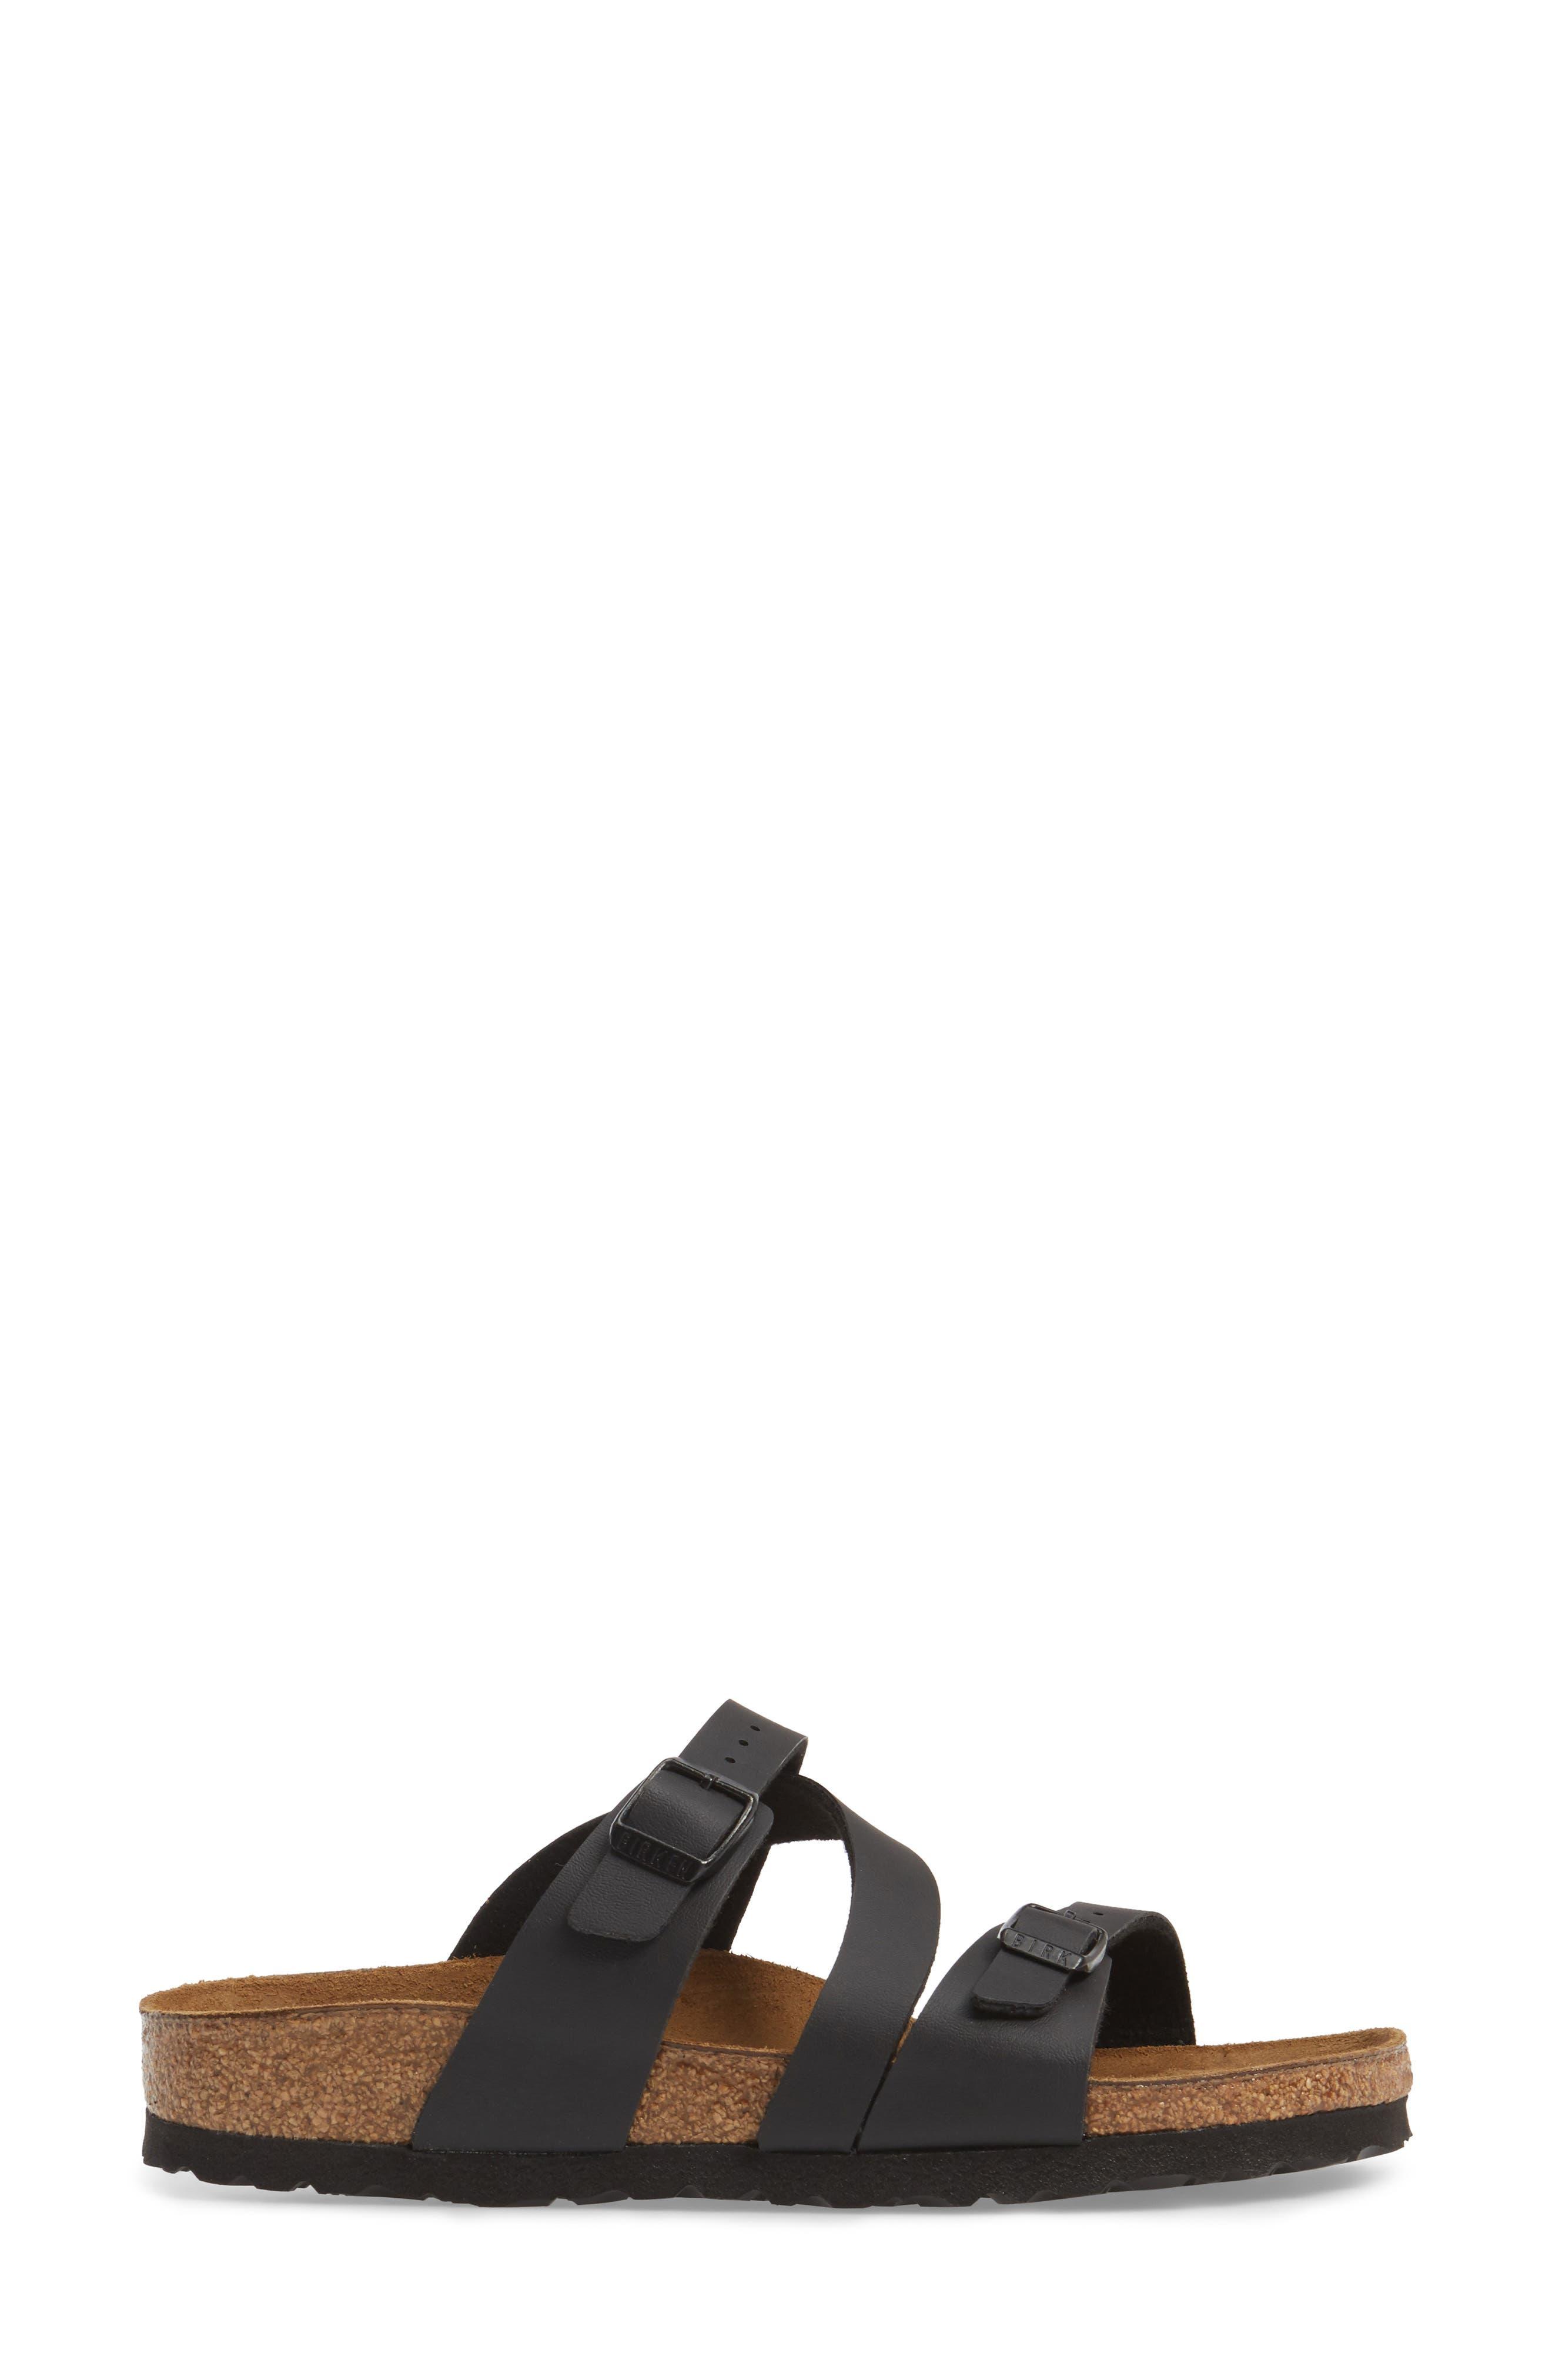 Alternate Image 3  - Birkenstock Salina Slide Sandal (Women)